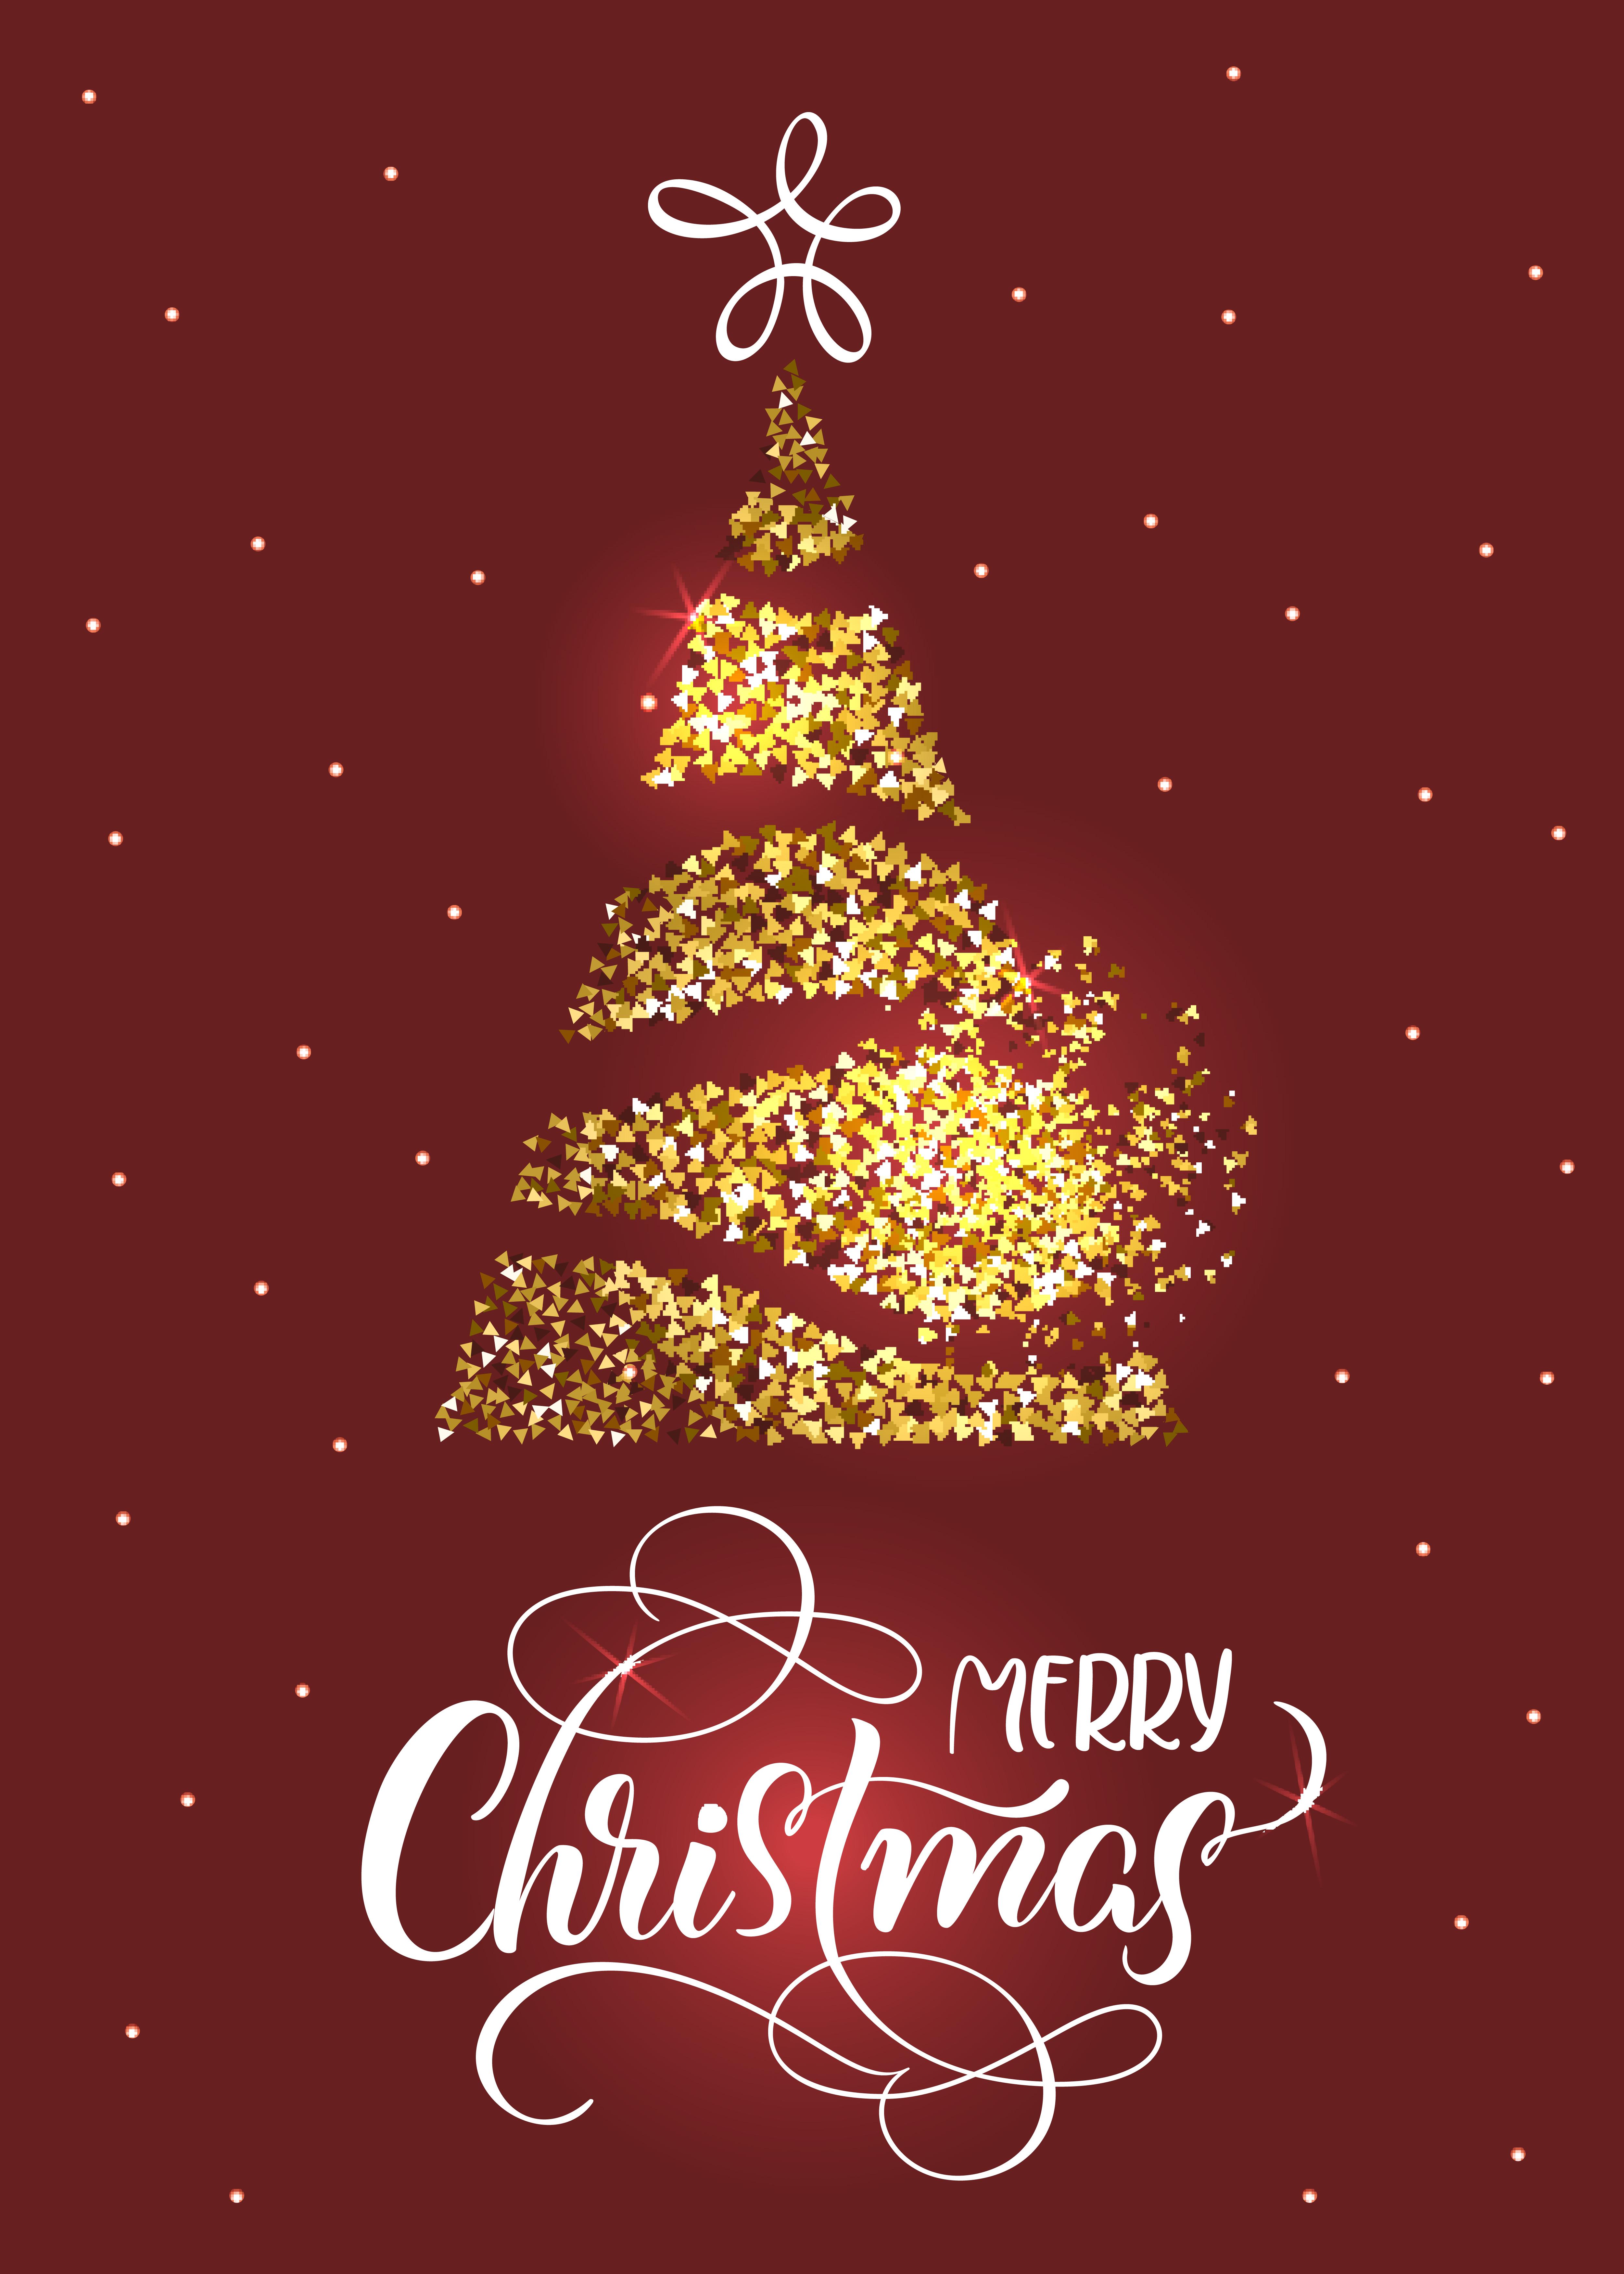 Sms Di Buon Natale.Il Buon Natale Manda Un Sms A Sul Fondo Rosso Di Festa Con L 39 Albero Di Abete Stilizzato E Le Stelle 412533 Scarica Immagini Vettoriali Gratis Grafica Vettoriale E Disegno Modelli